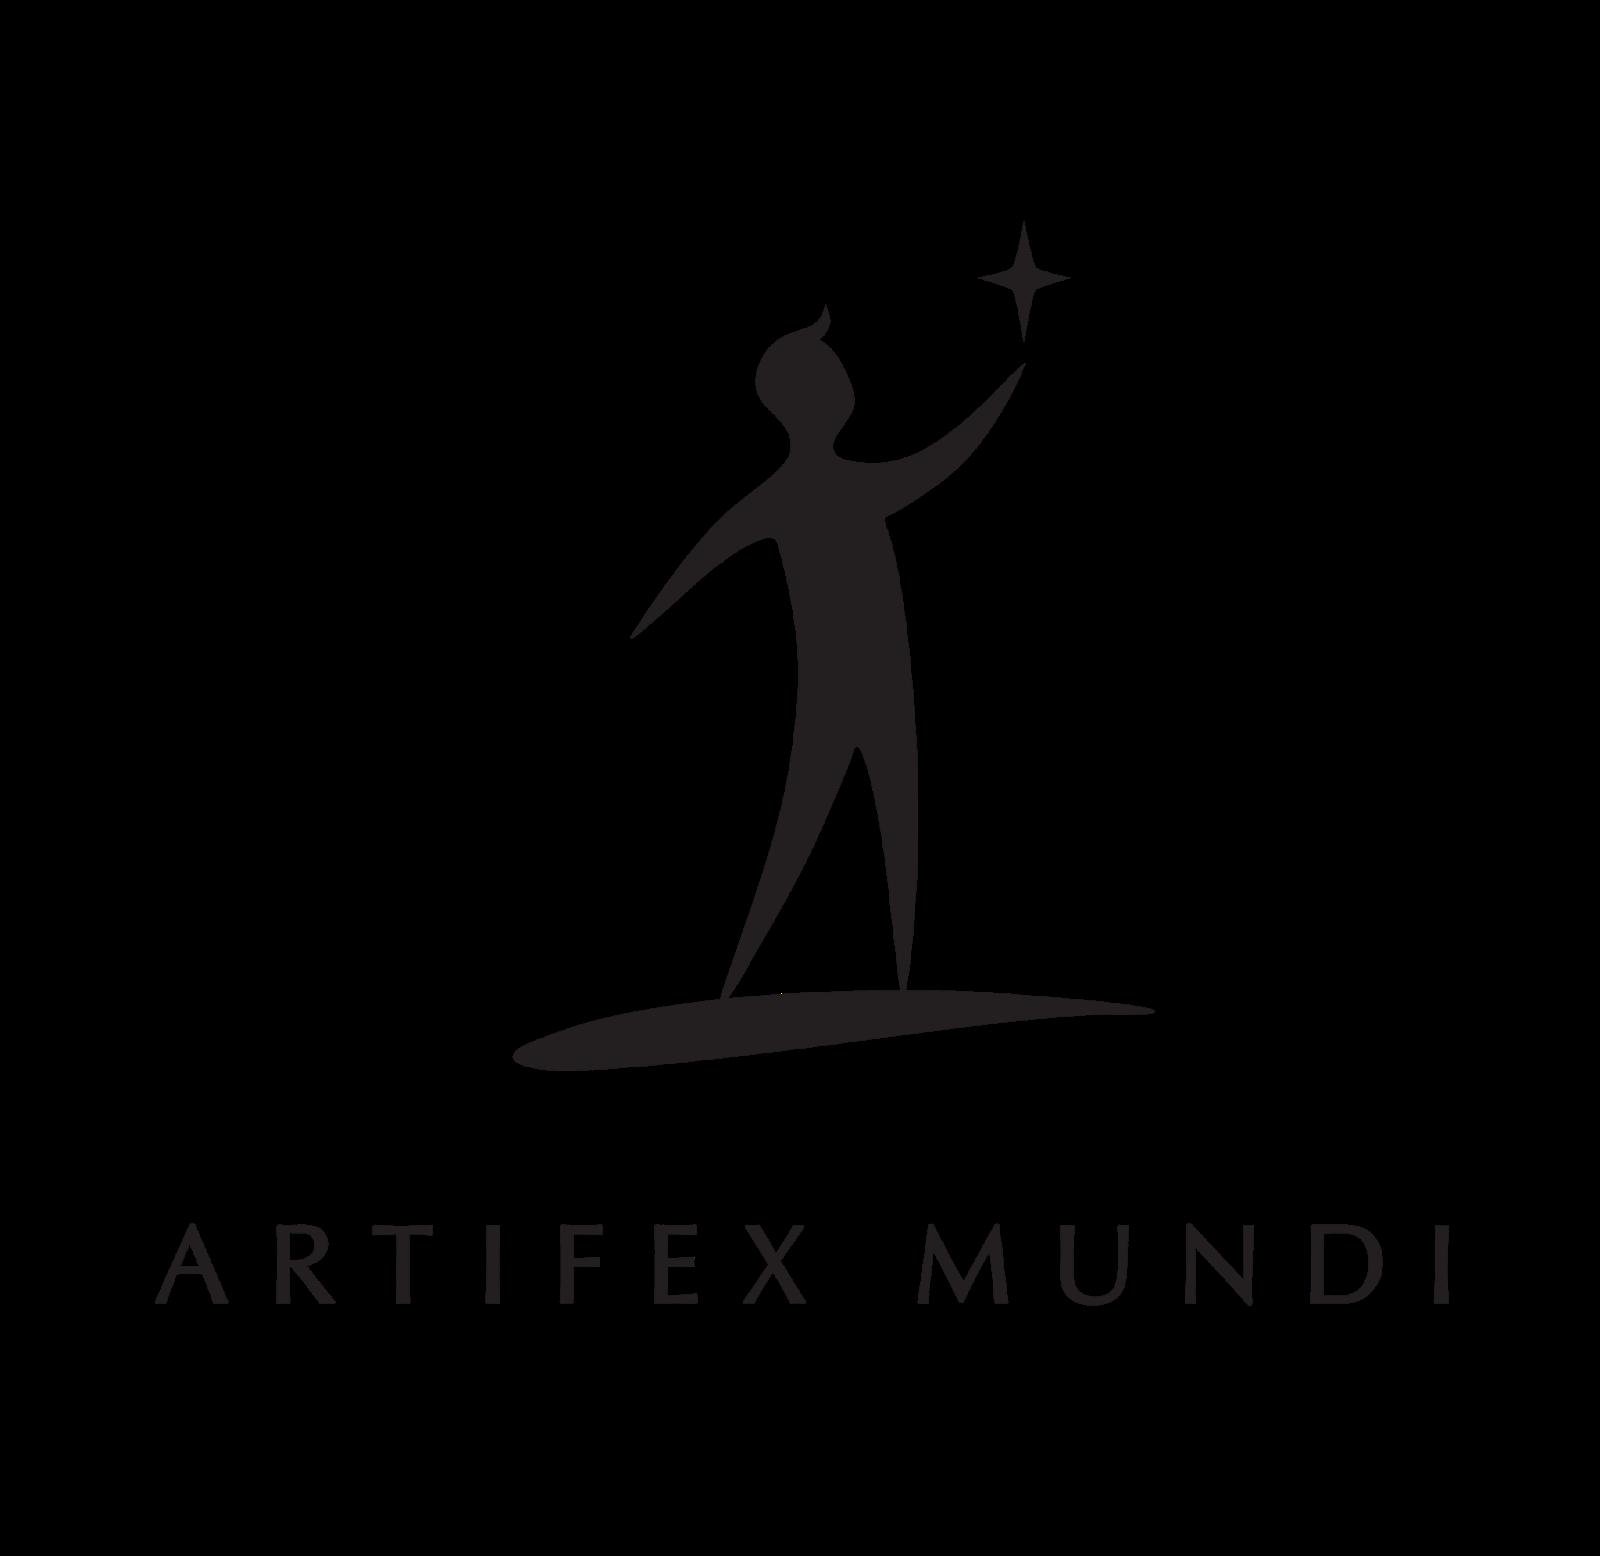 www.artifexmundi.com